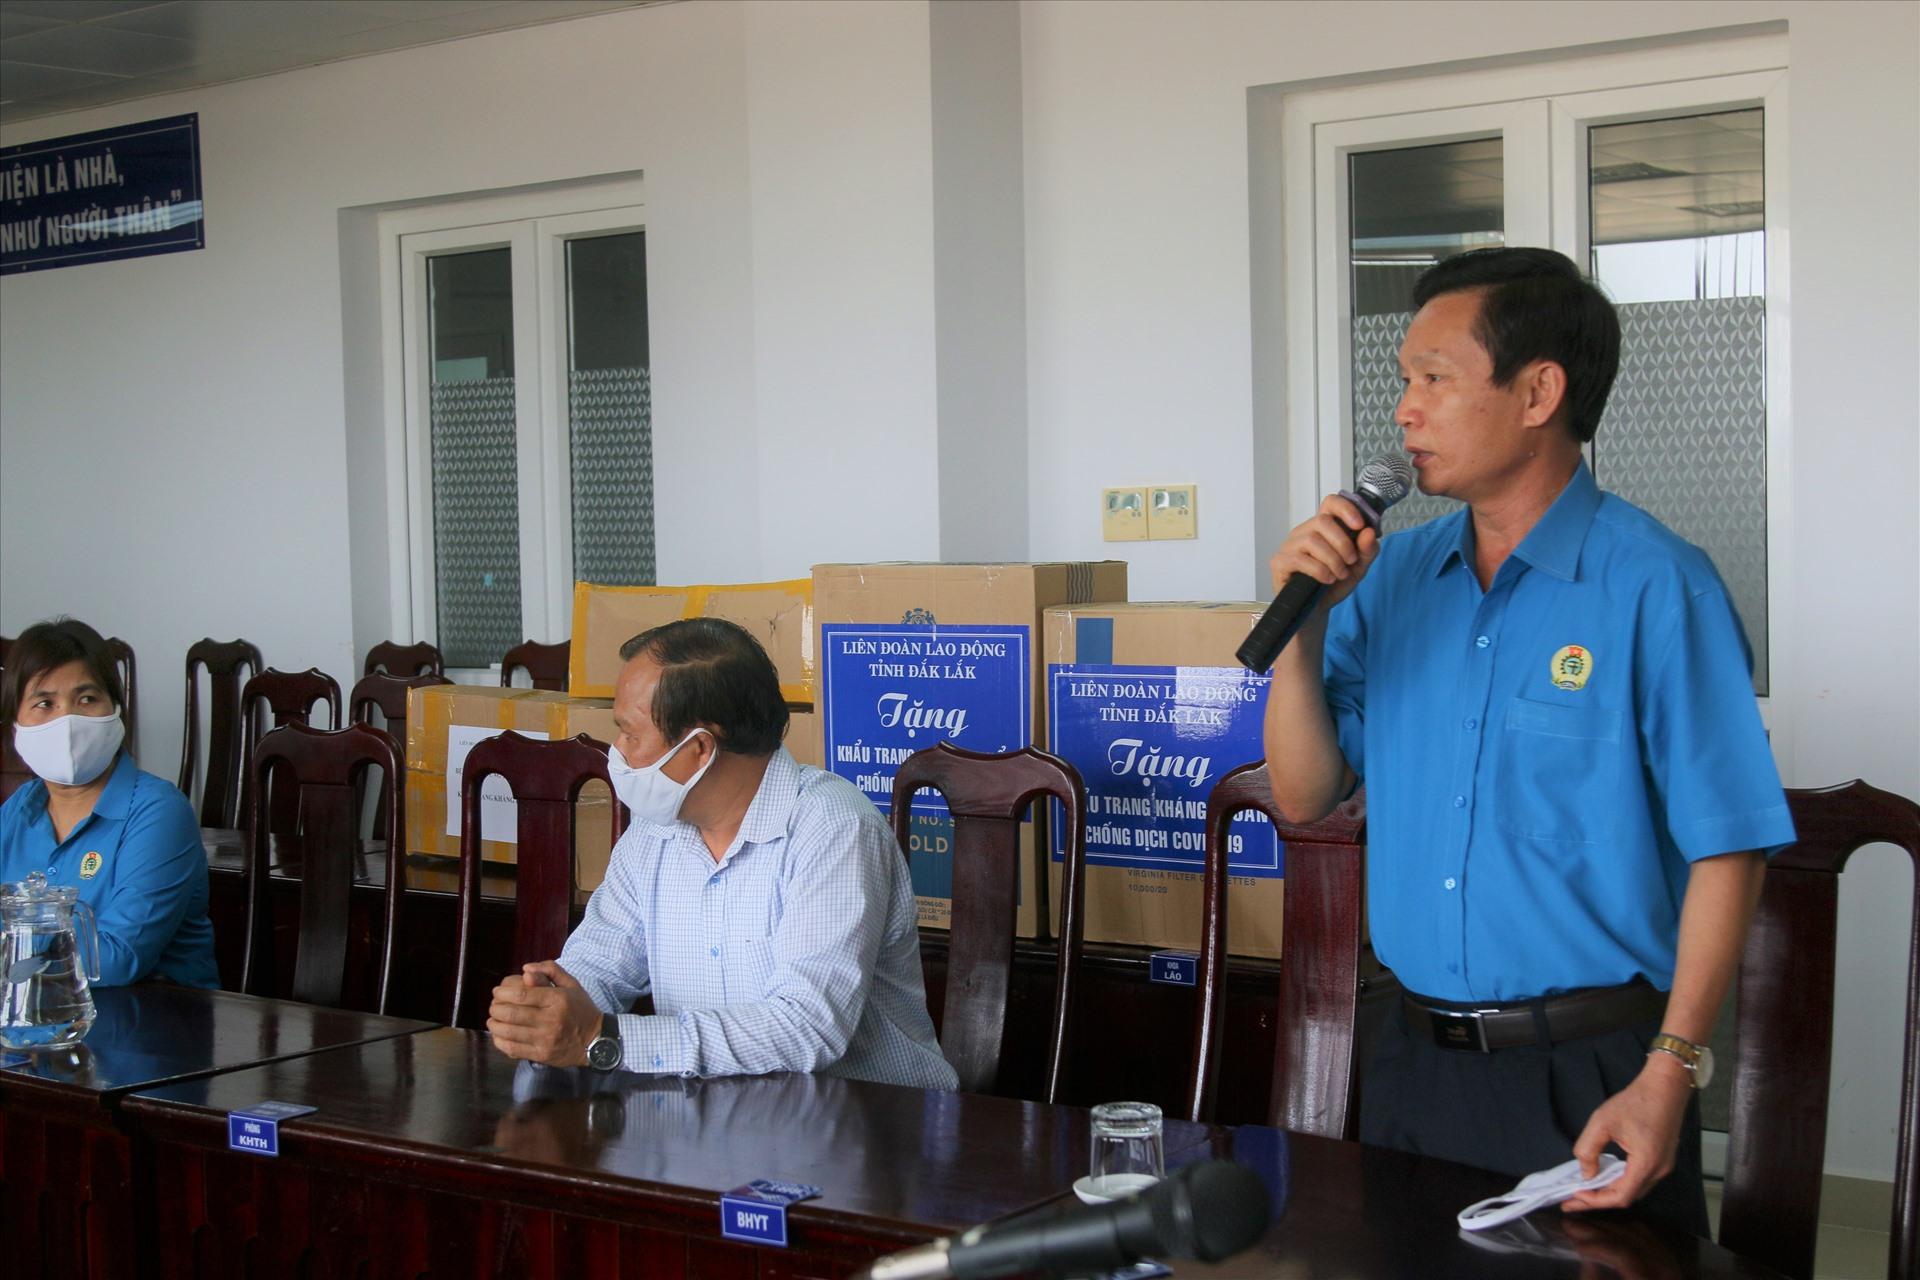 Ông Nguyễn Công Bảo - Chủ tịch LĐLĐ tỉnh Đắk Lắk phát biểu. Ảnh: B.T